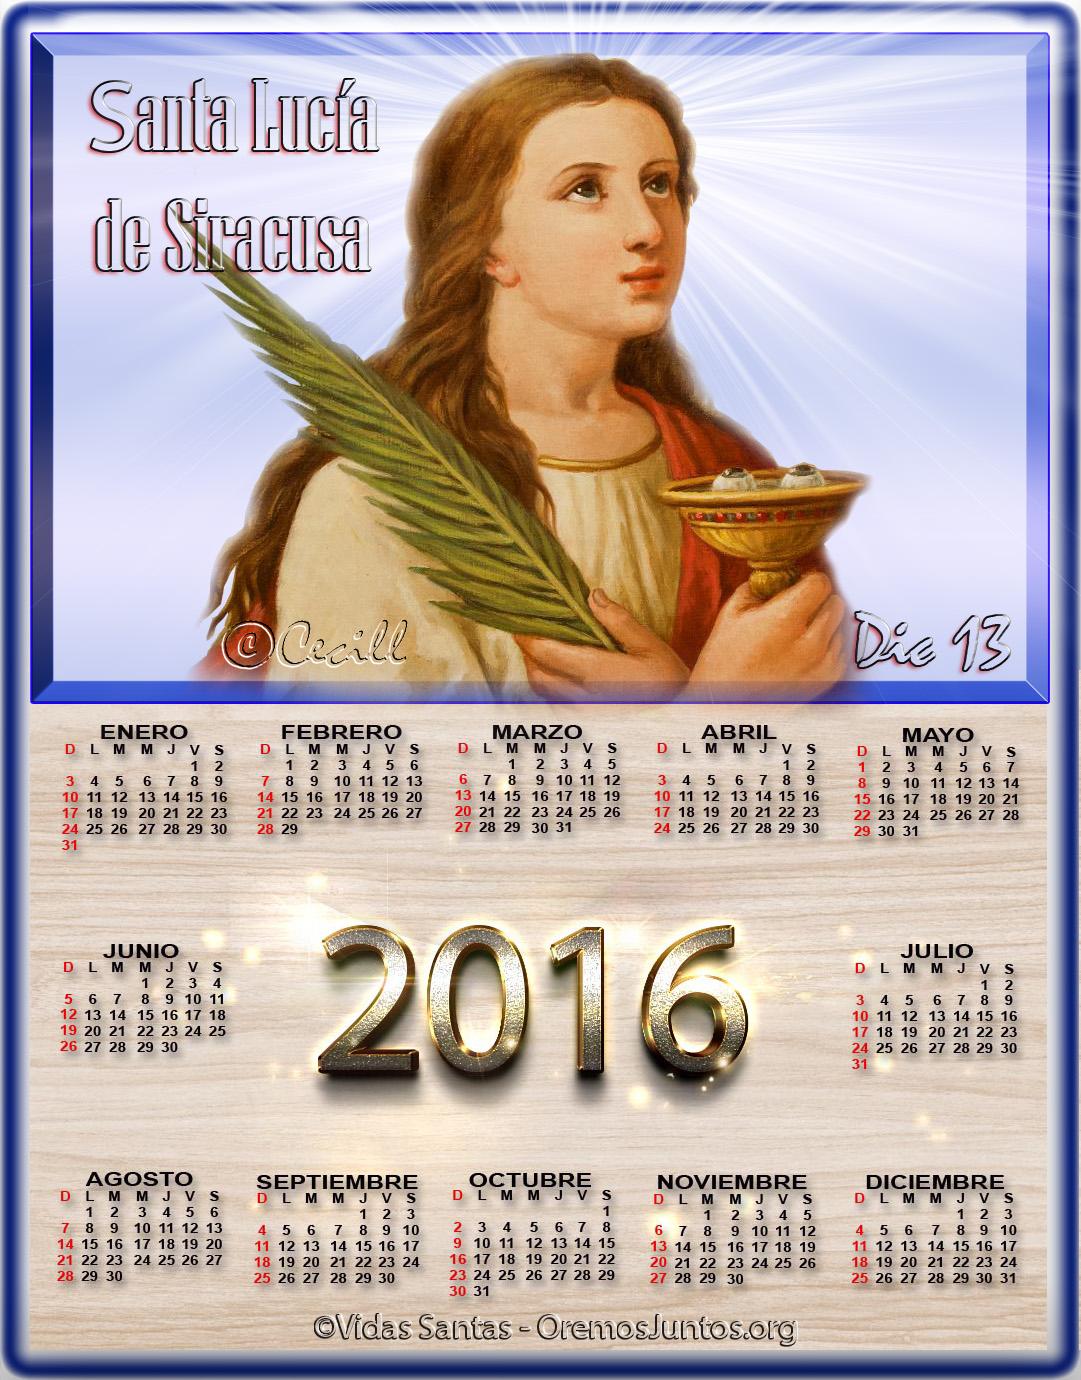 Santa Lucia Calendario.Mis Blogs Catolicos Calendario De Santa Lucia De Siracusa